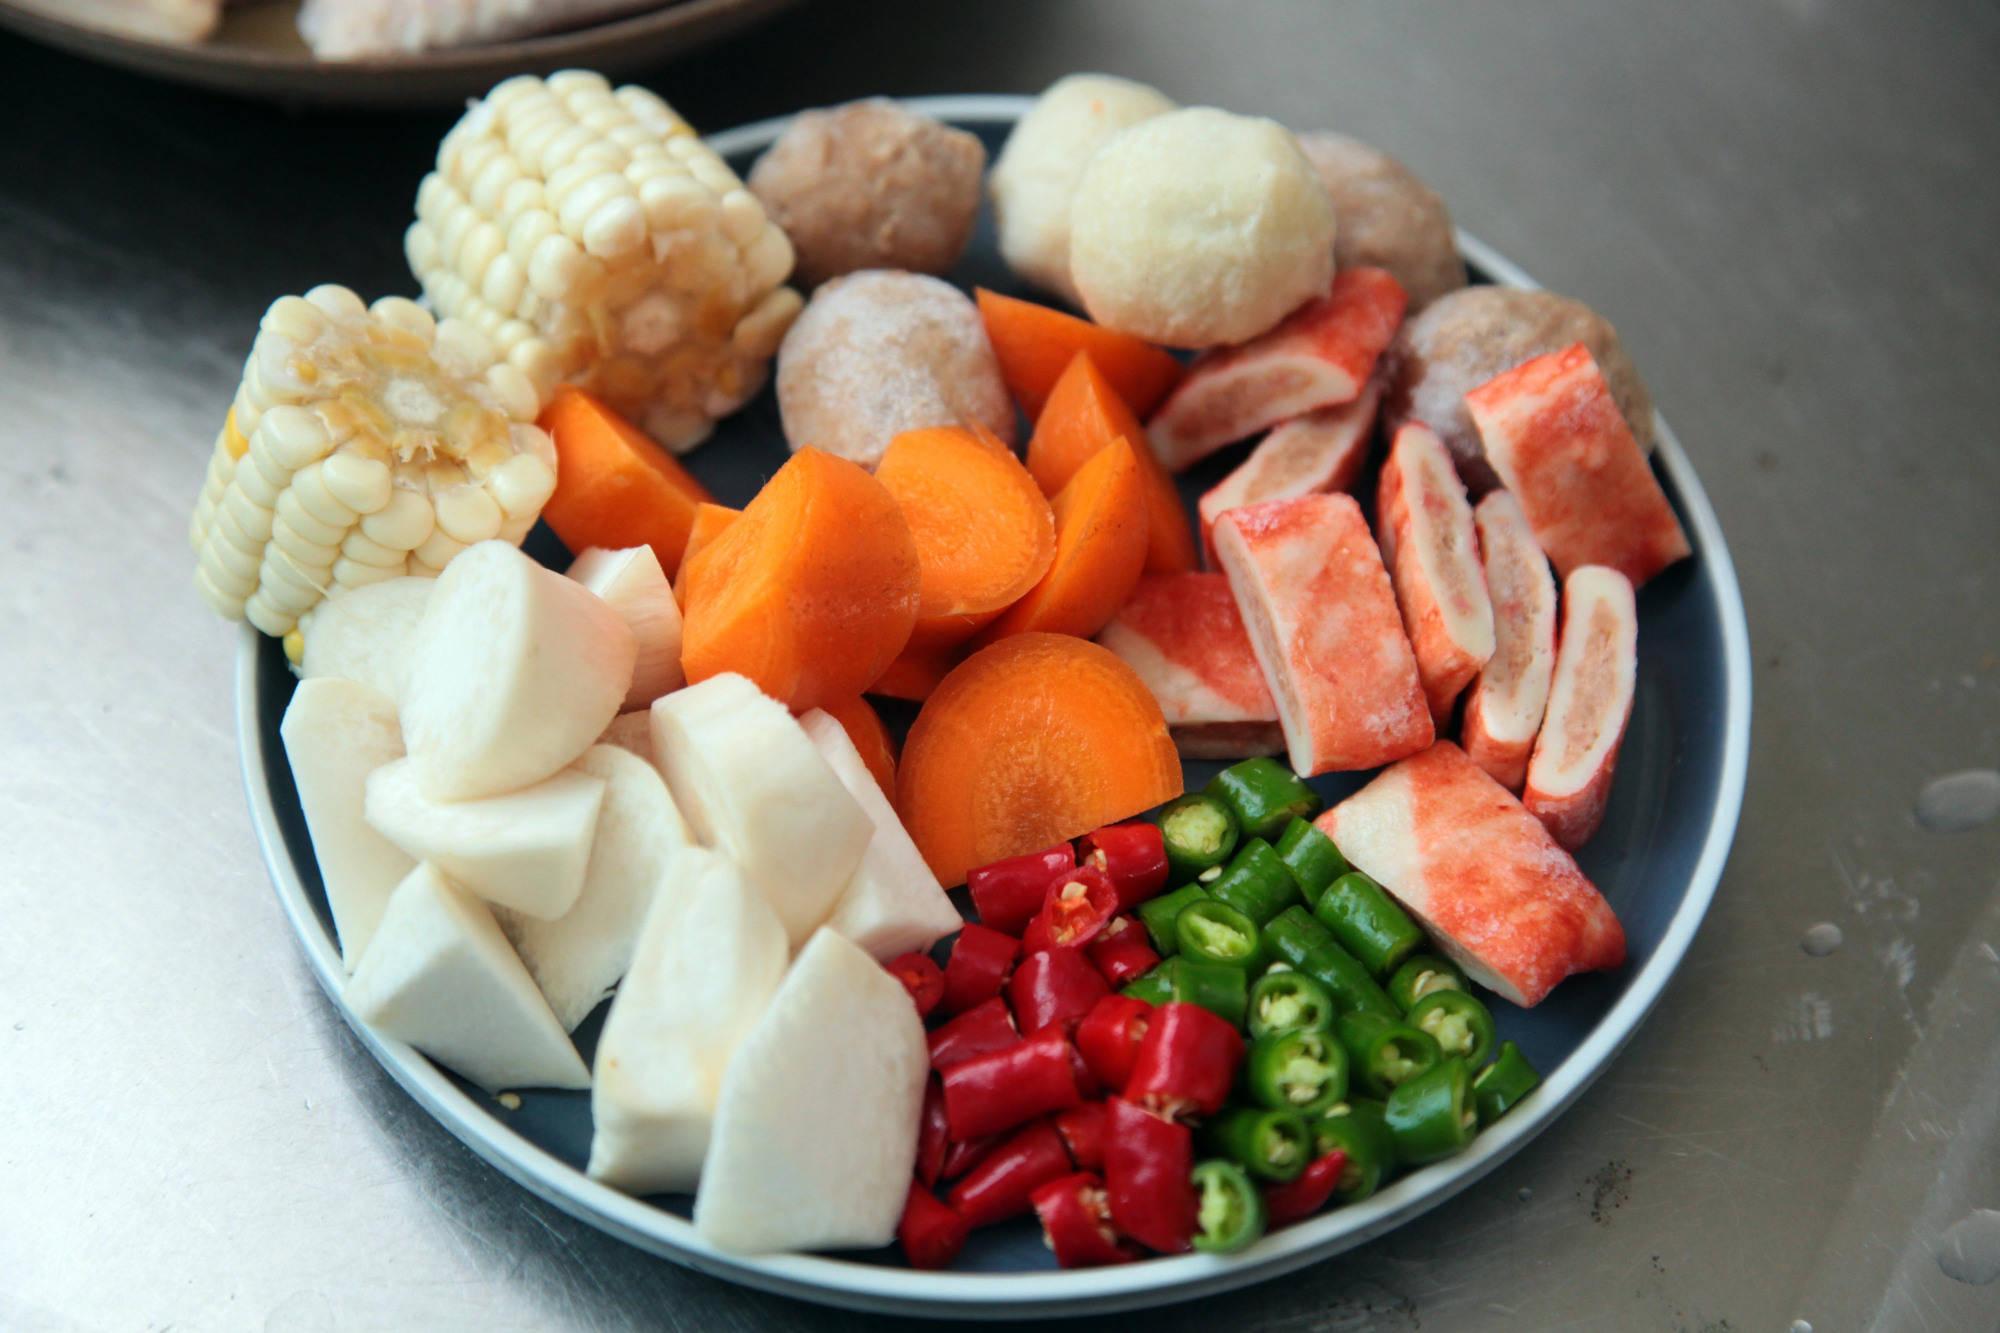 老婆40分钟做一桌极简晚餐,清爽好吃不浪费,老公:温暖!